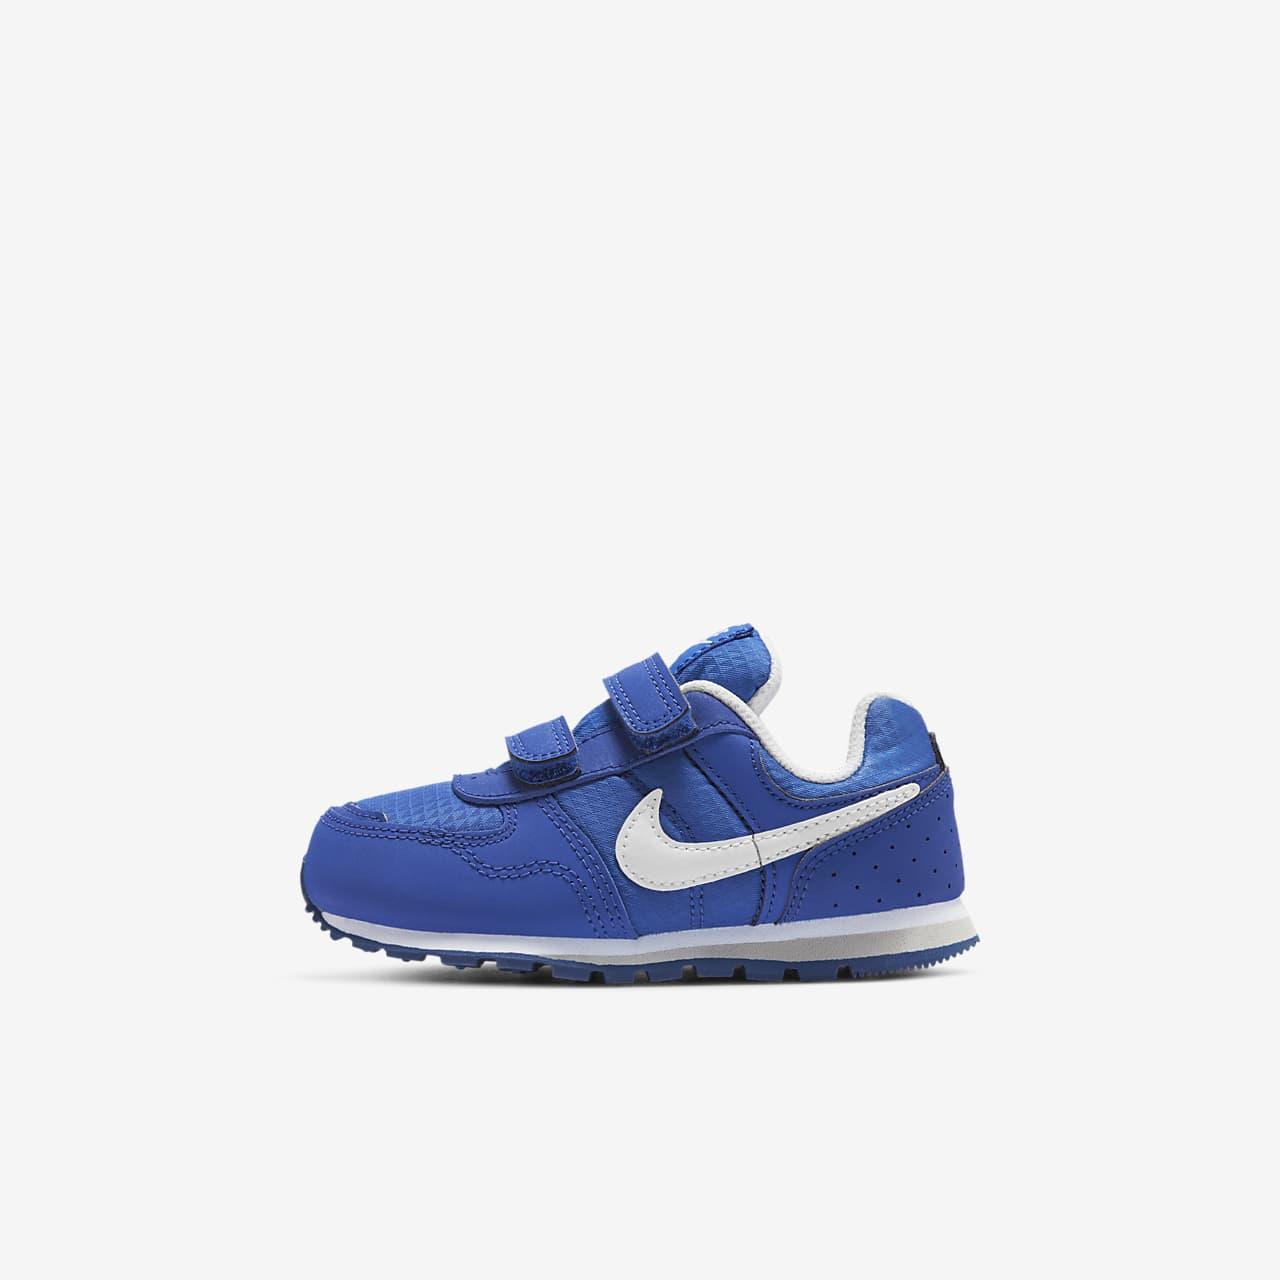 bcbe4bcc51 Nike MD Runner Infant/Toddler Boys' Shoe. Nike.com GB